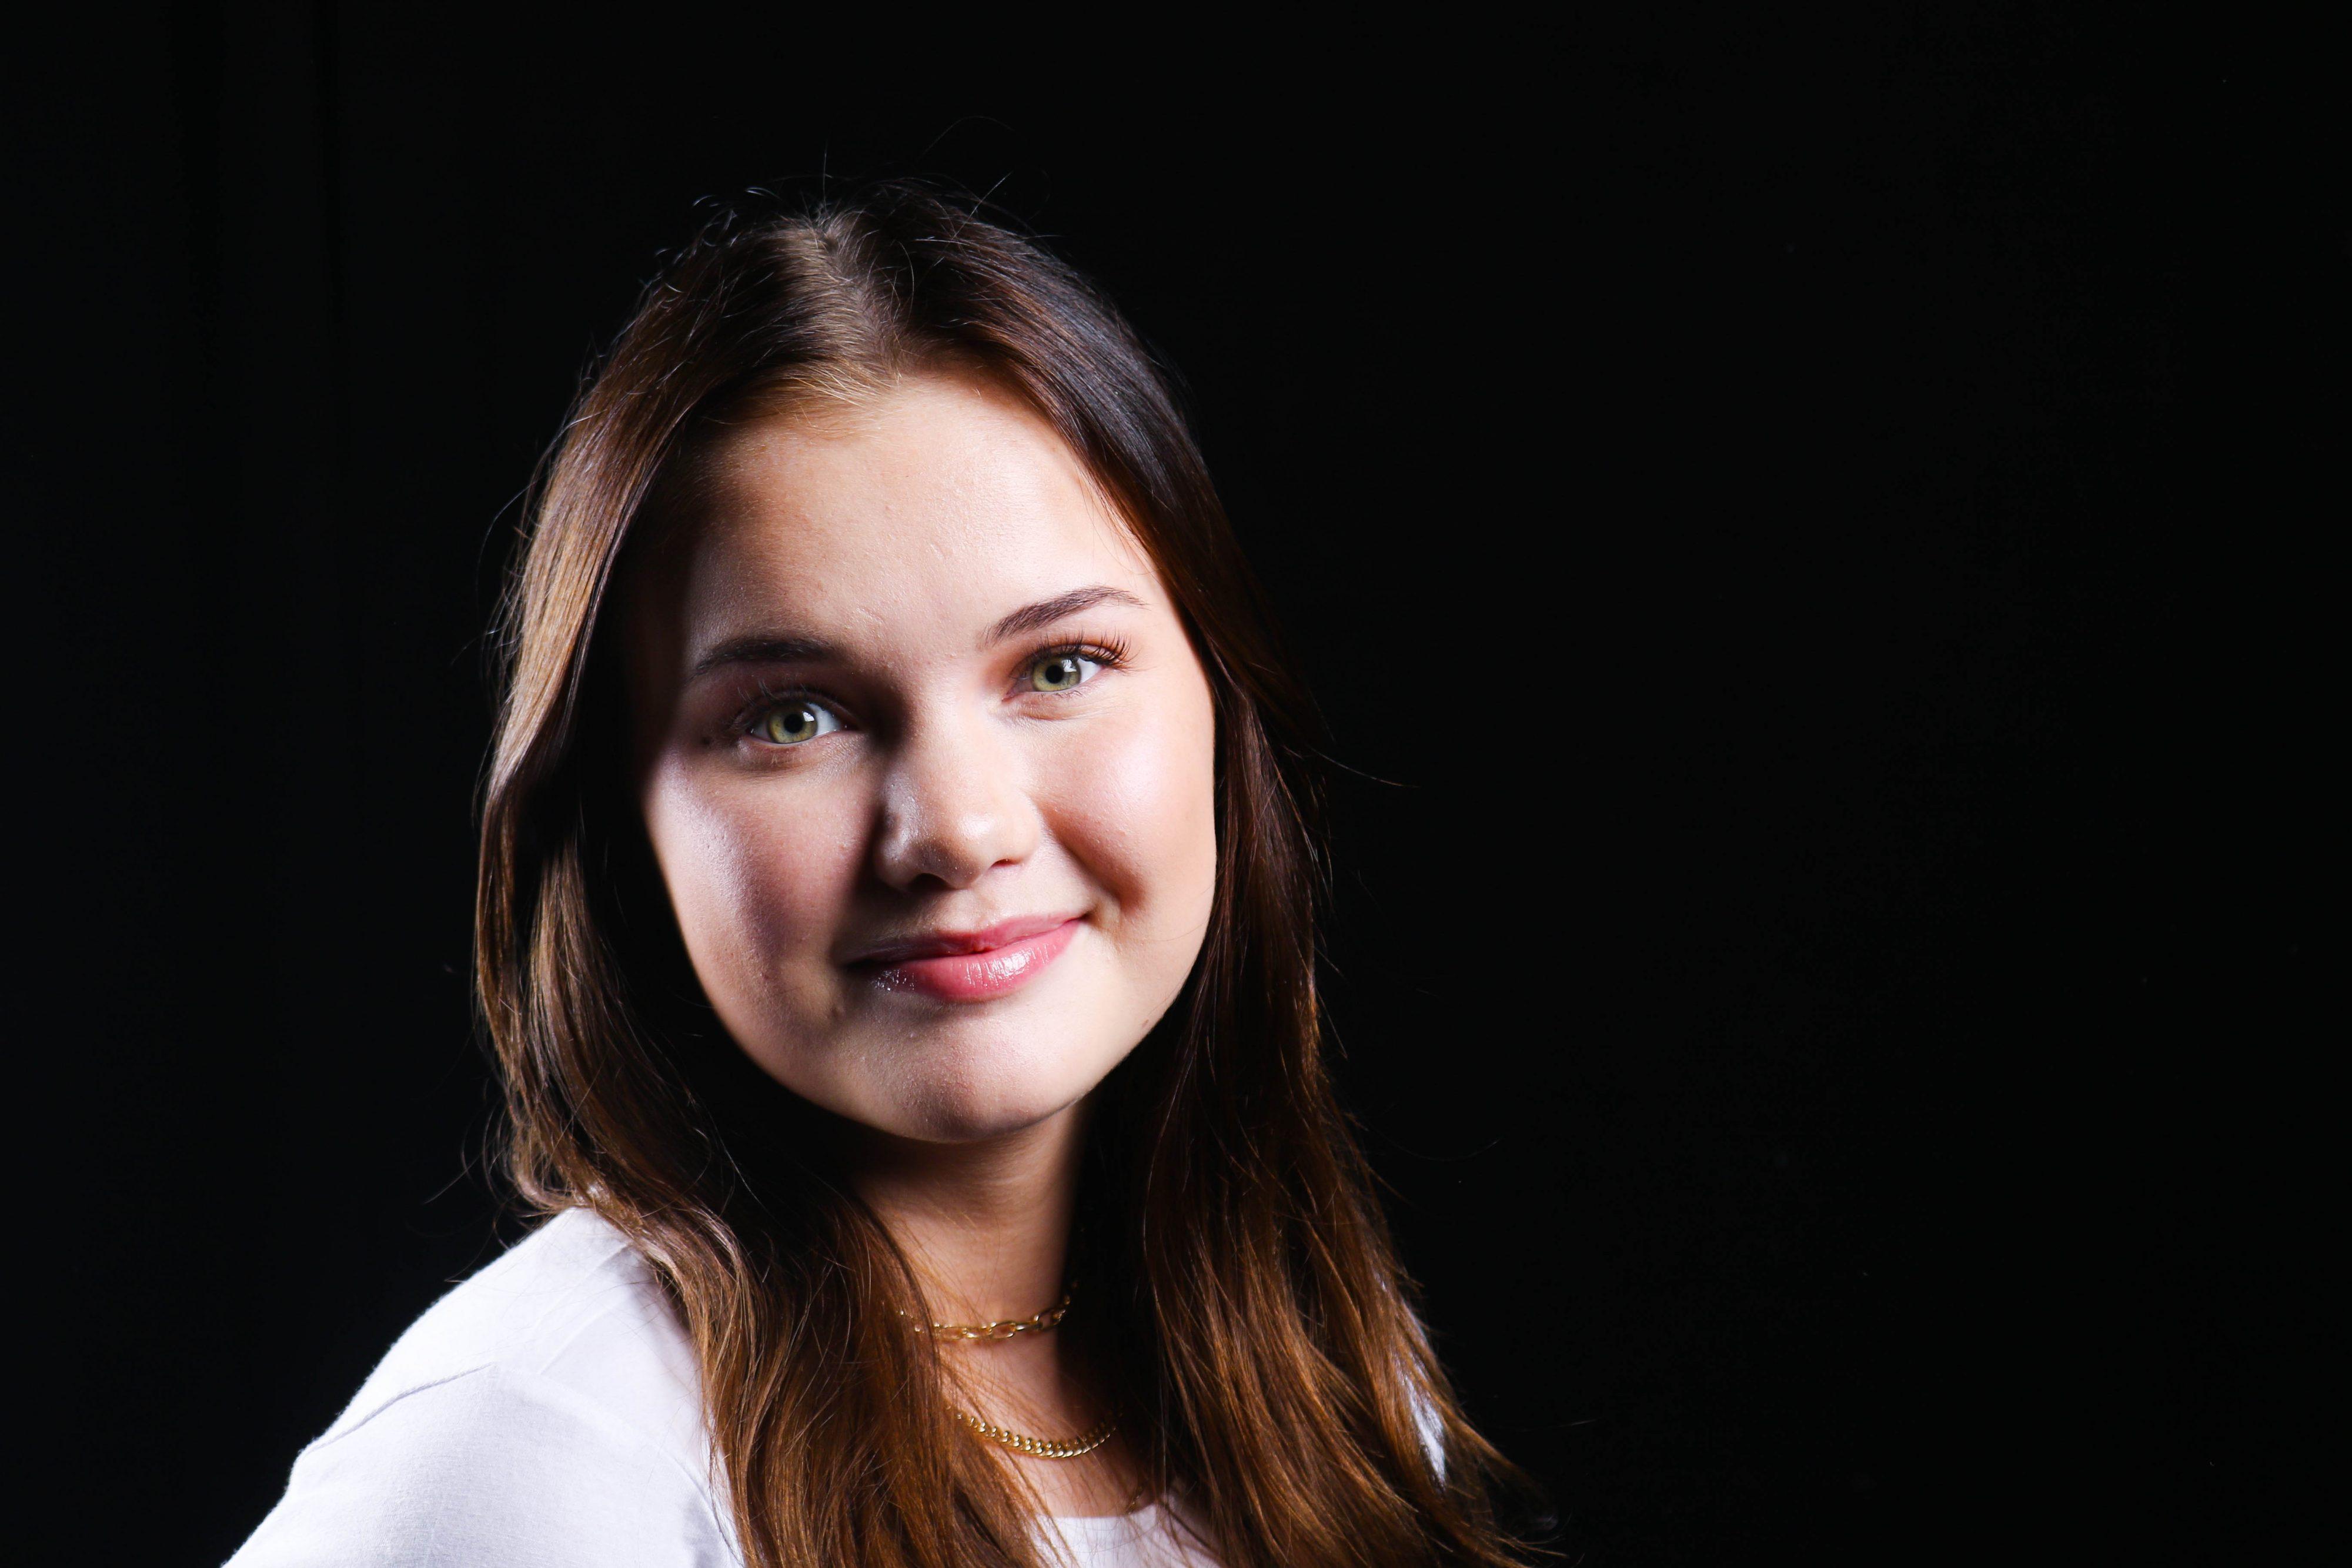 Sofia Persson